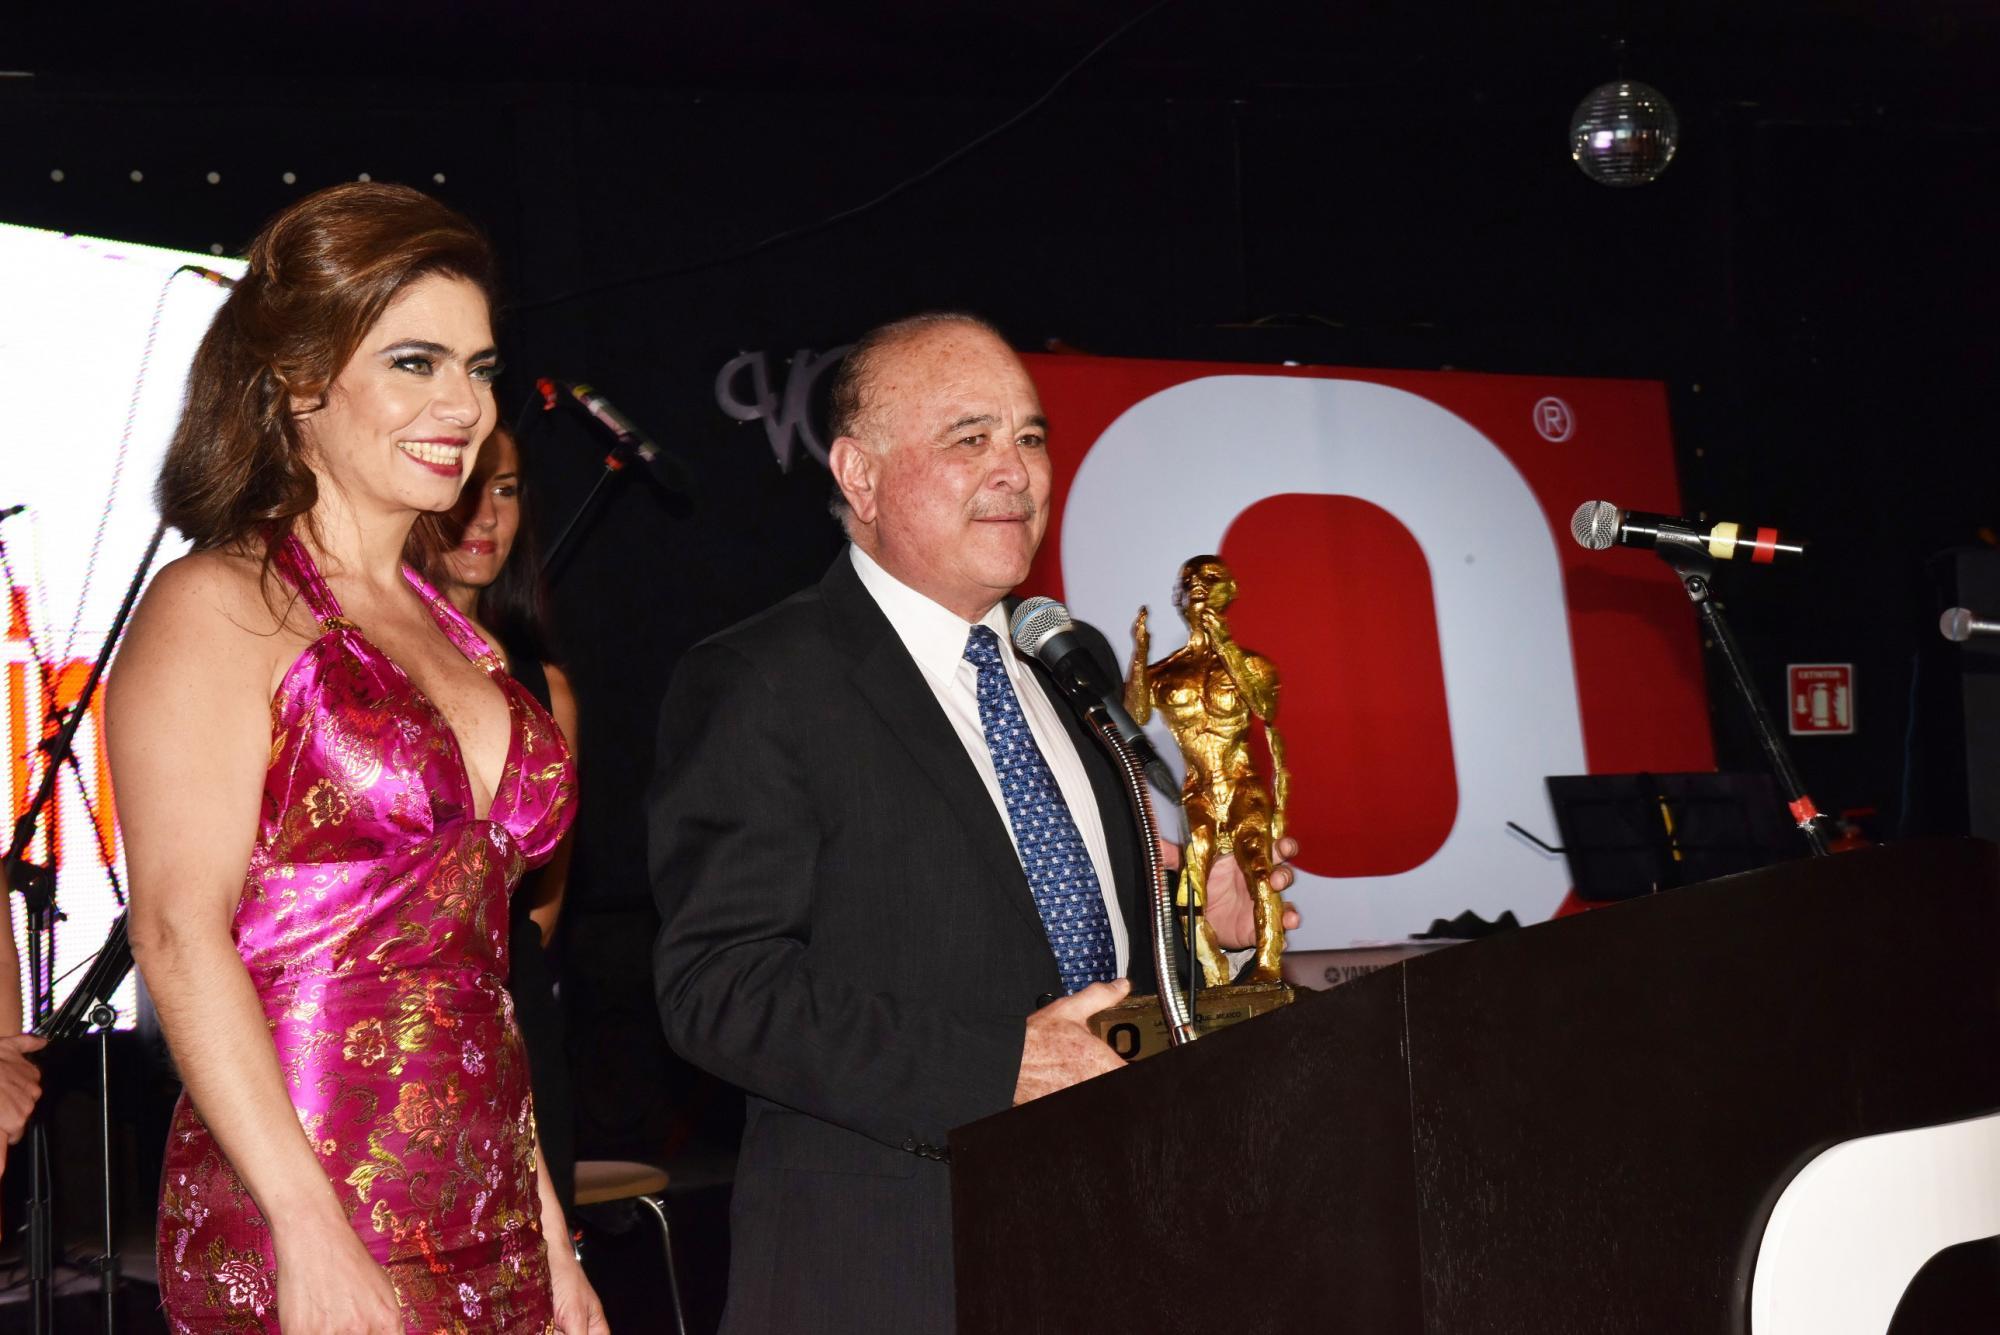 Conduciendo los premios Nayat Karam entregando premio Q al Senador Ernesto Ruffo Appel